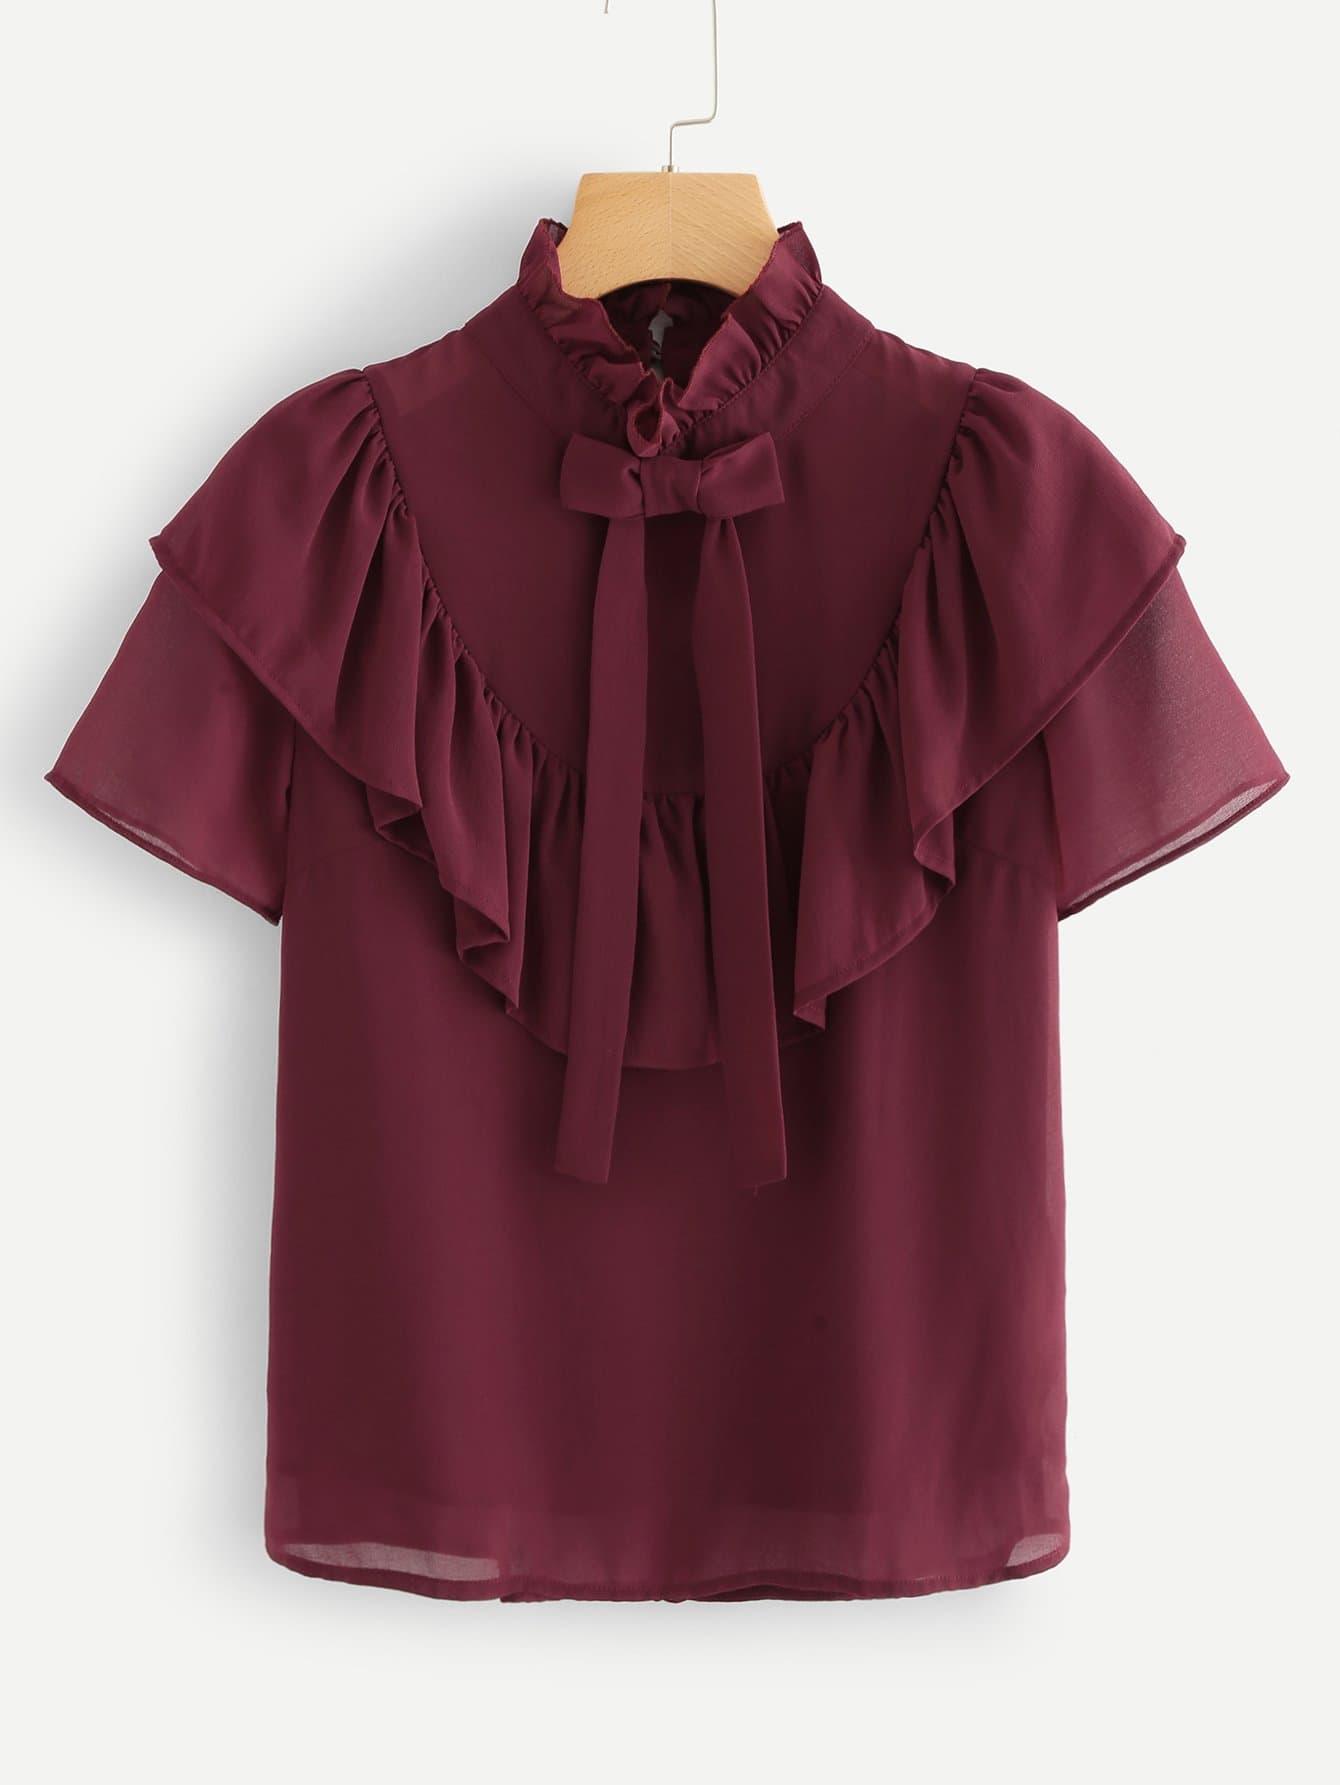 Tie Neck Ruffle Blouse blouse luxmix blouse